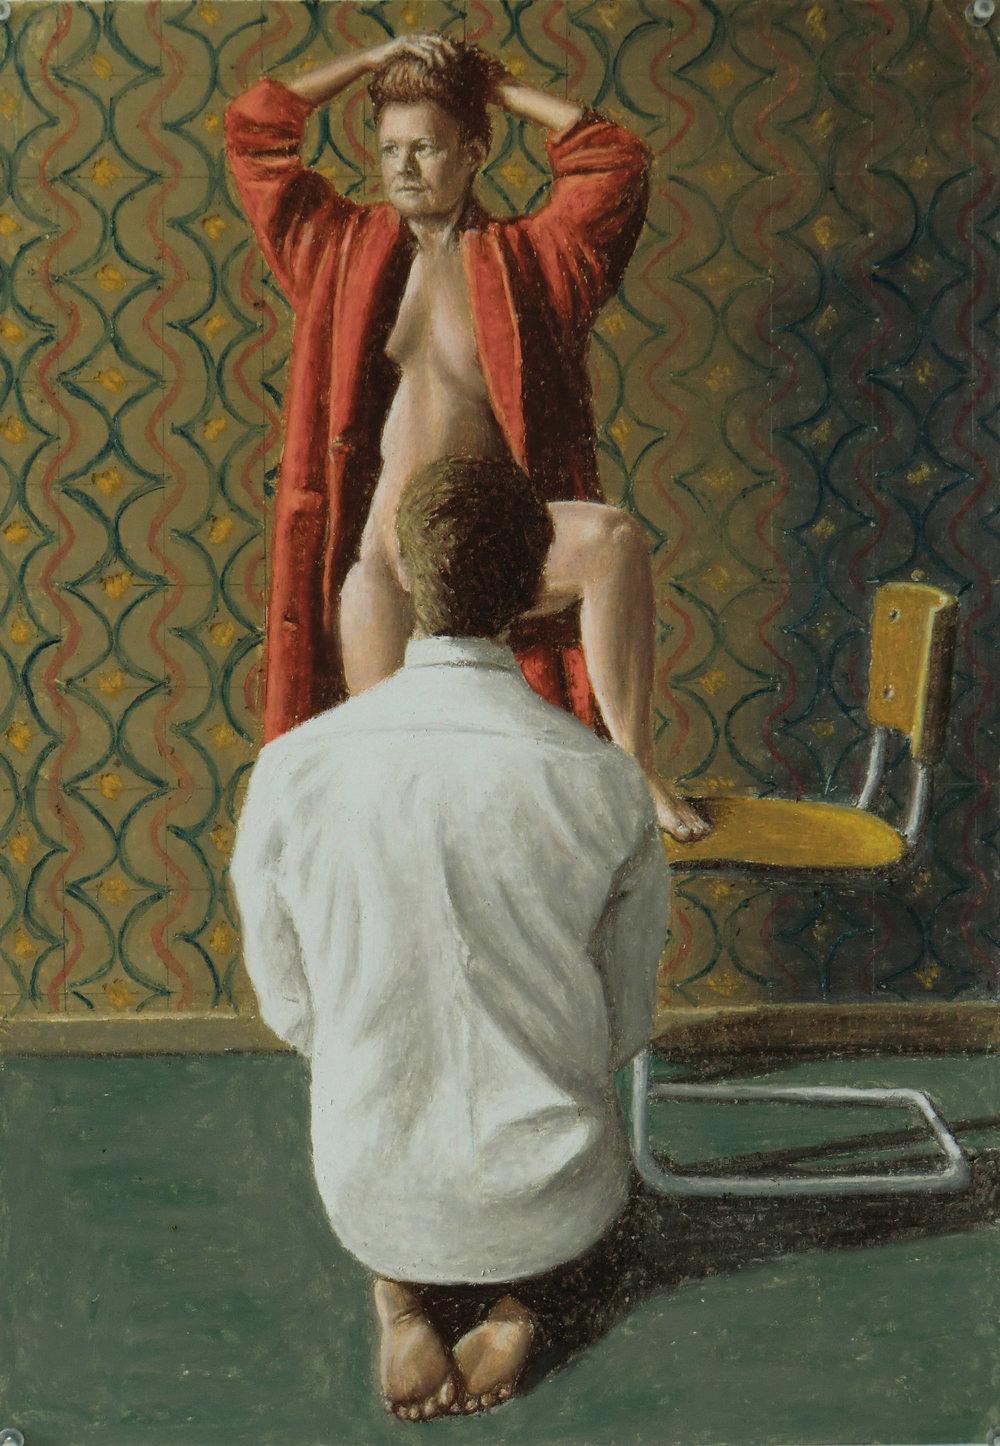 choreografie-met-1-stoel.jpg